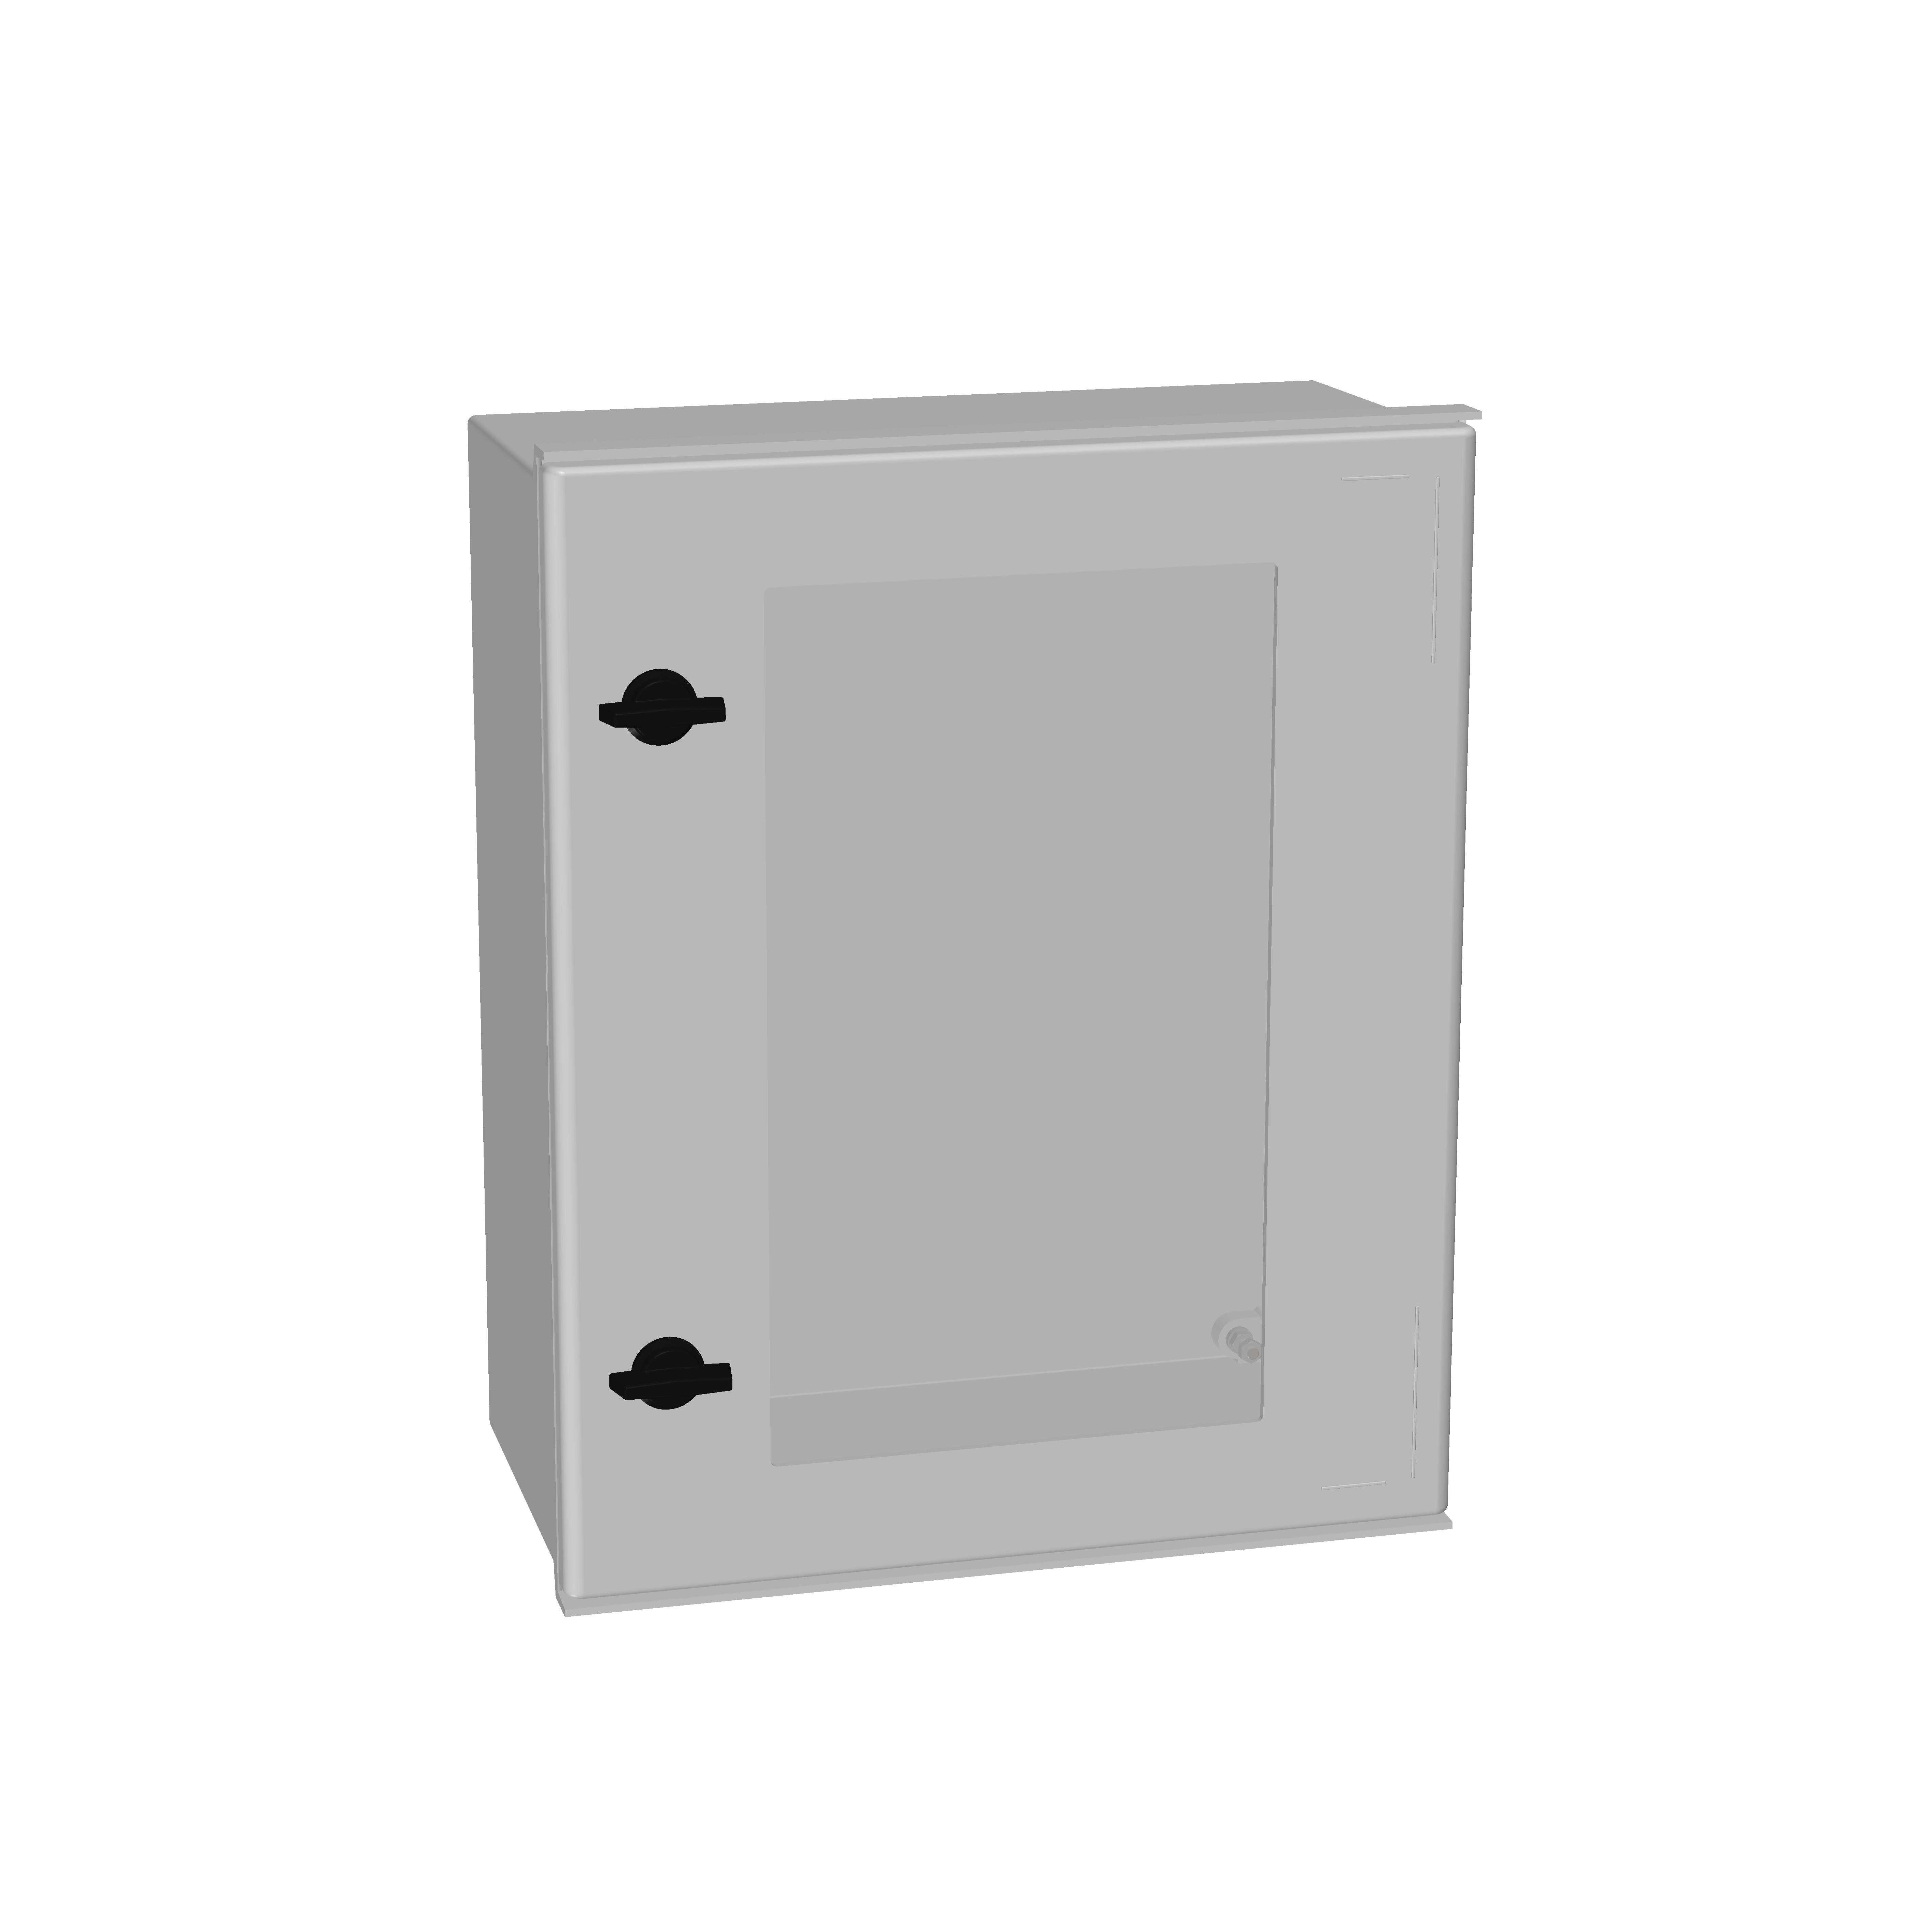 1 Stk Minipol-Wandschrank mit Sichtfenster 500x400x200mm IM008954--